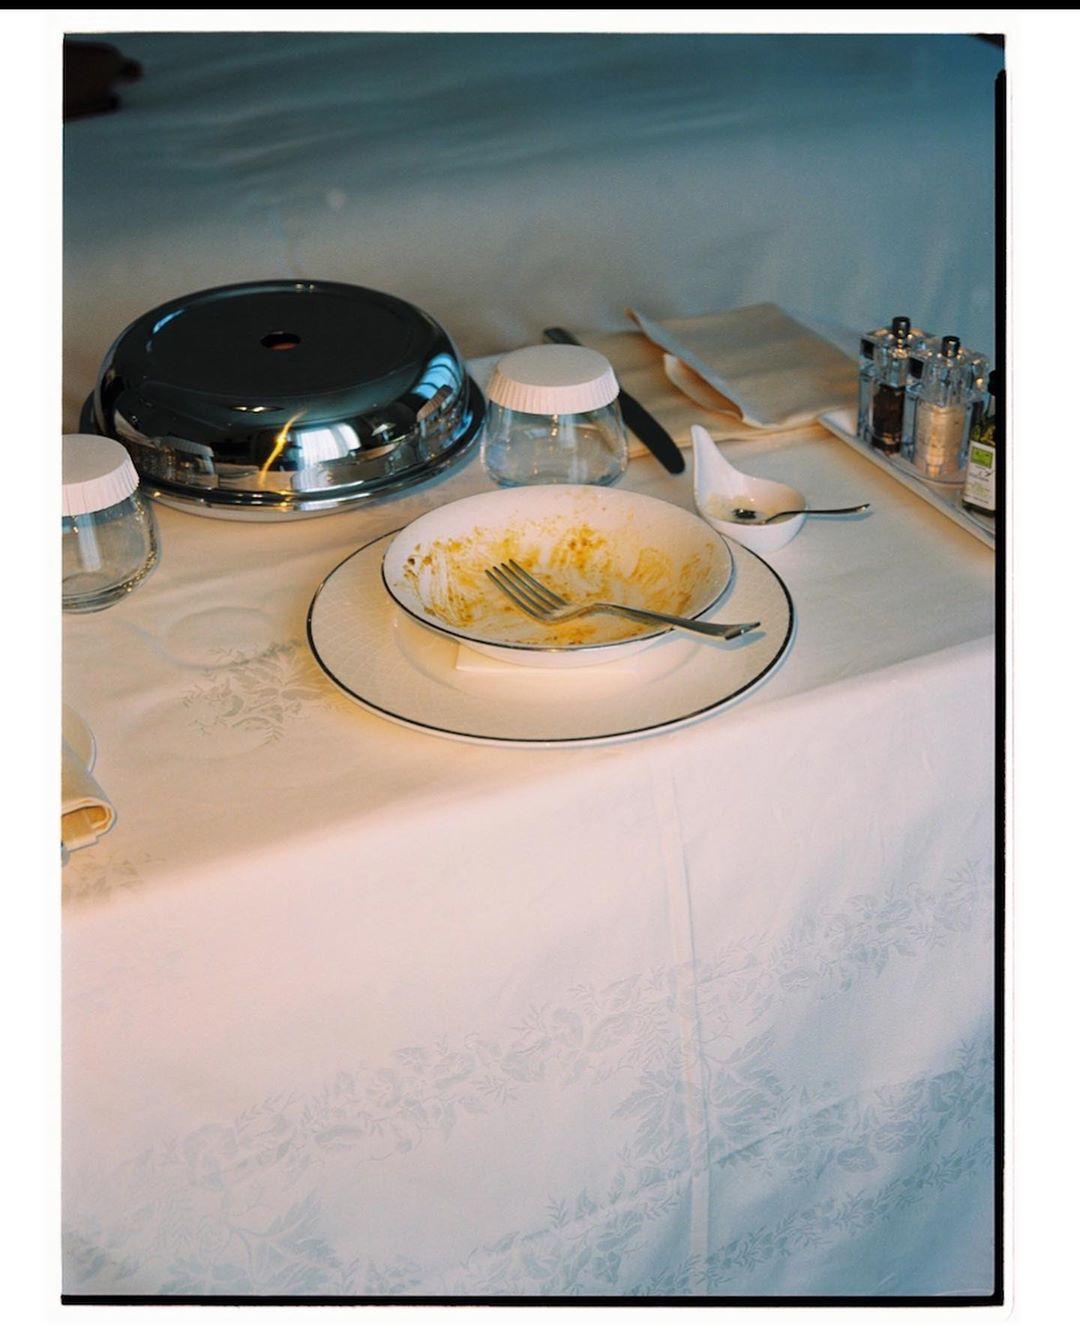 Целлюлит - не помеха красоте: Эшли Грэм в бикини доказала, что выглядит роскошно даже дома